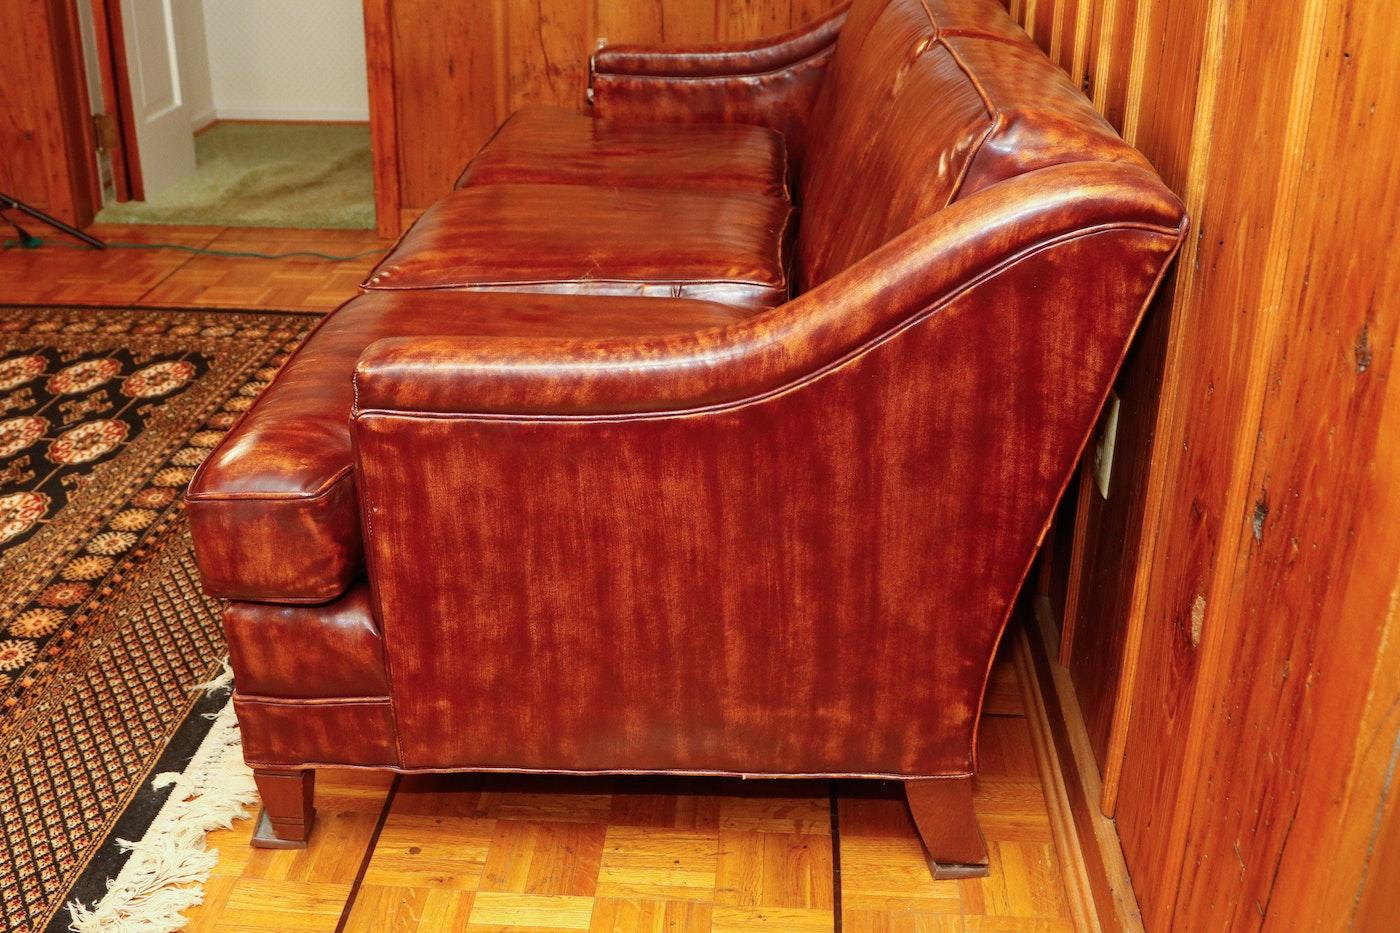 Lackawanna Leather Sofa: Lackawanna Leather Co. Sofa